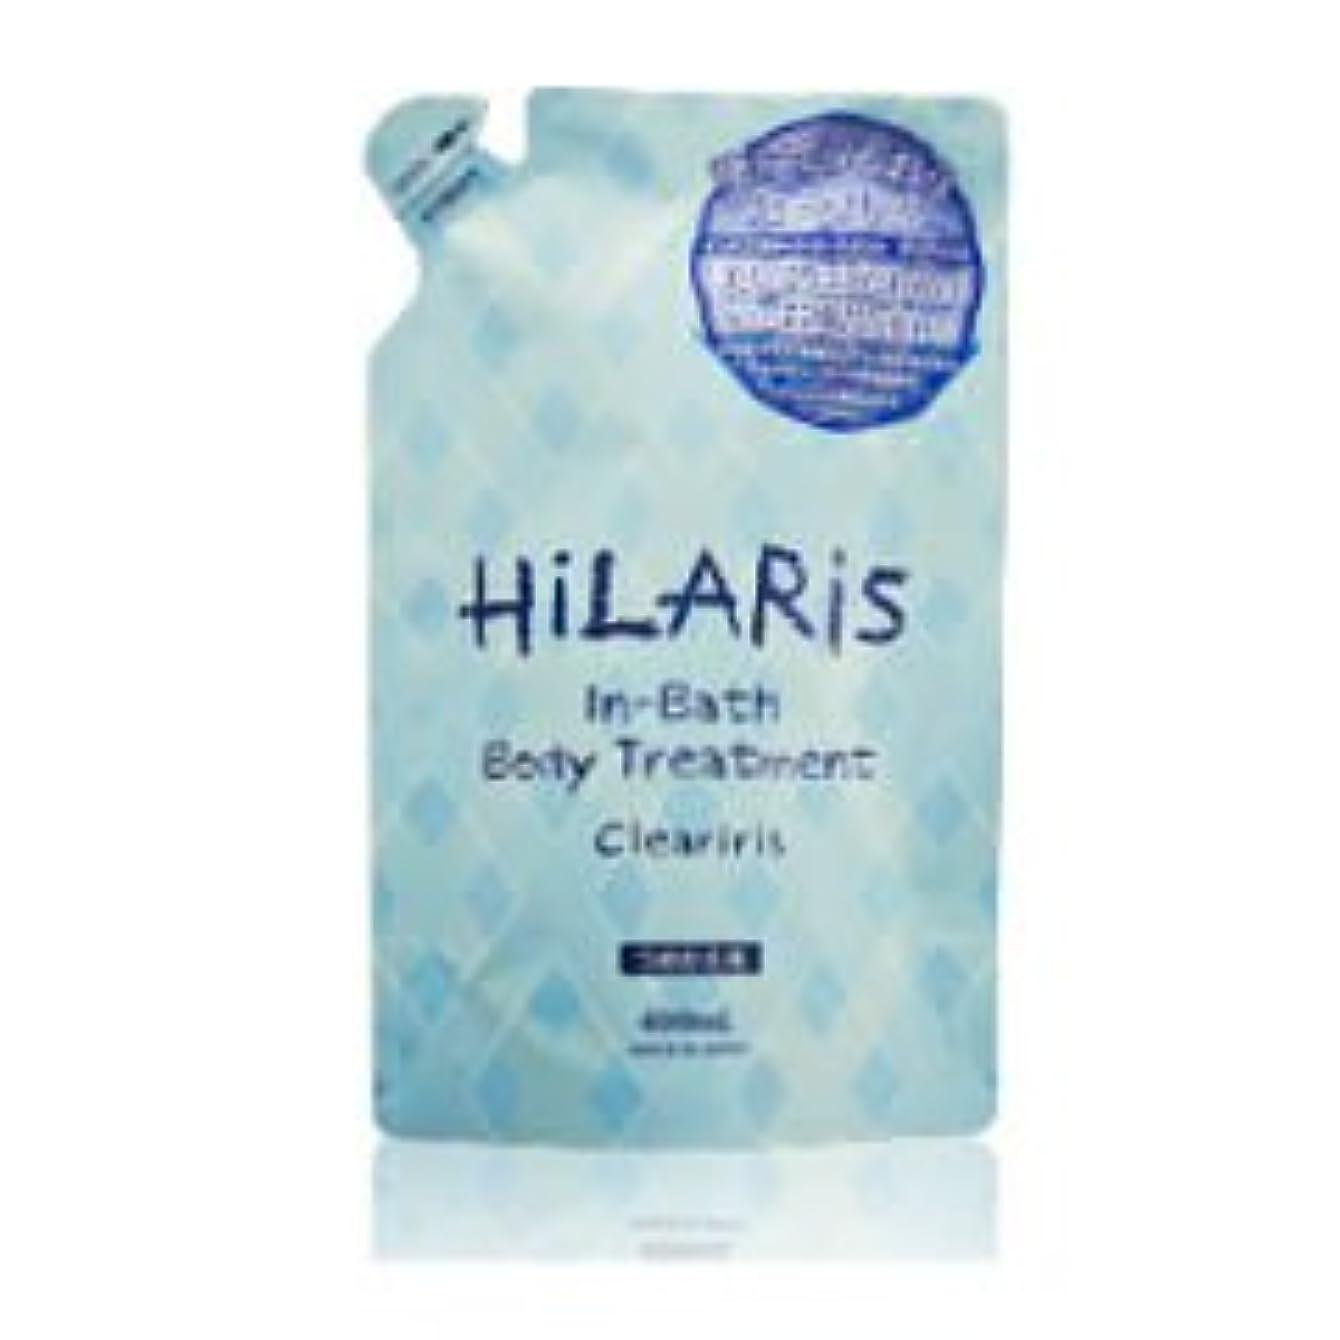 レトルト印をつける吸うヒラリス(HiLARiS)クリアイリスインバスボディトリートメント詰替